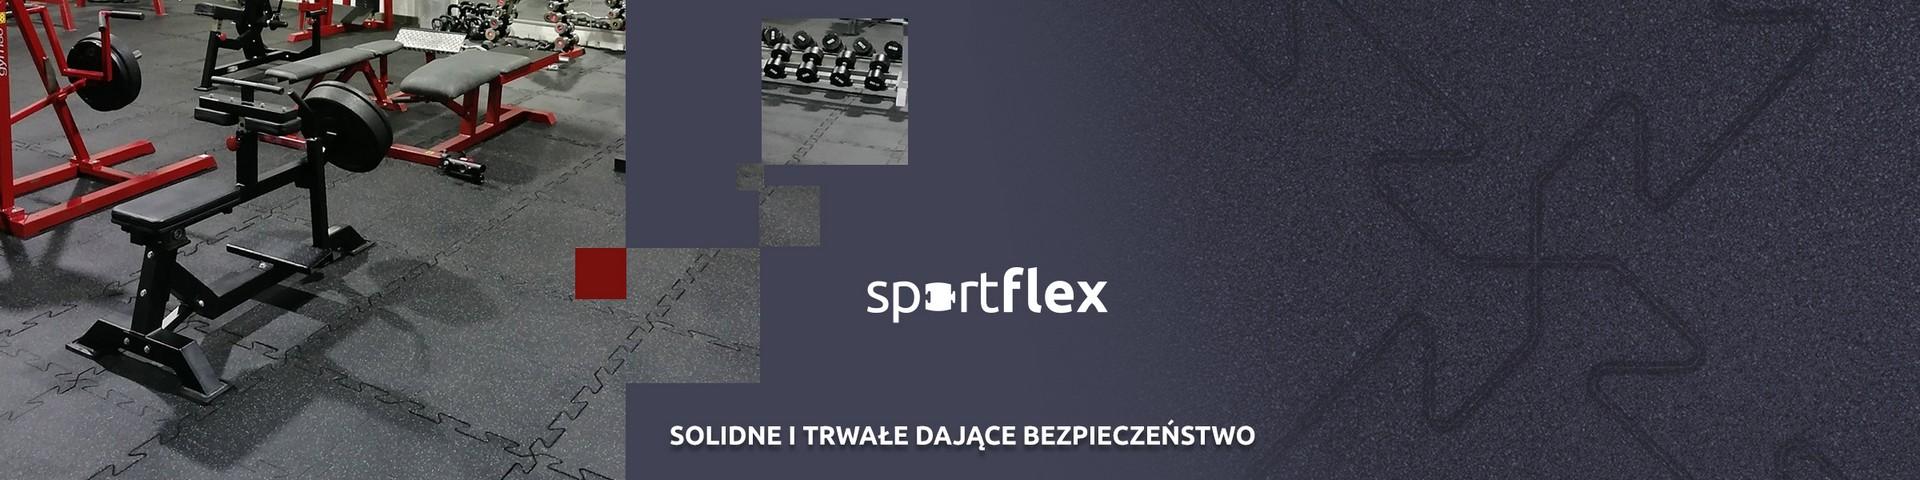 SPORTFLEX